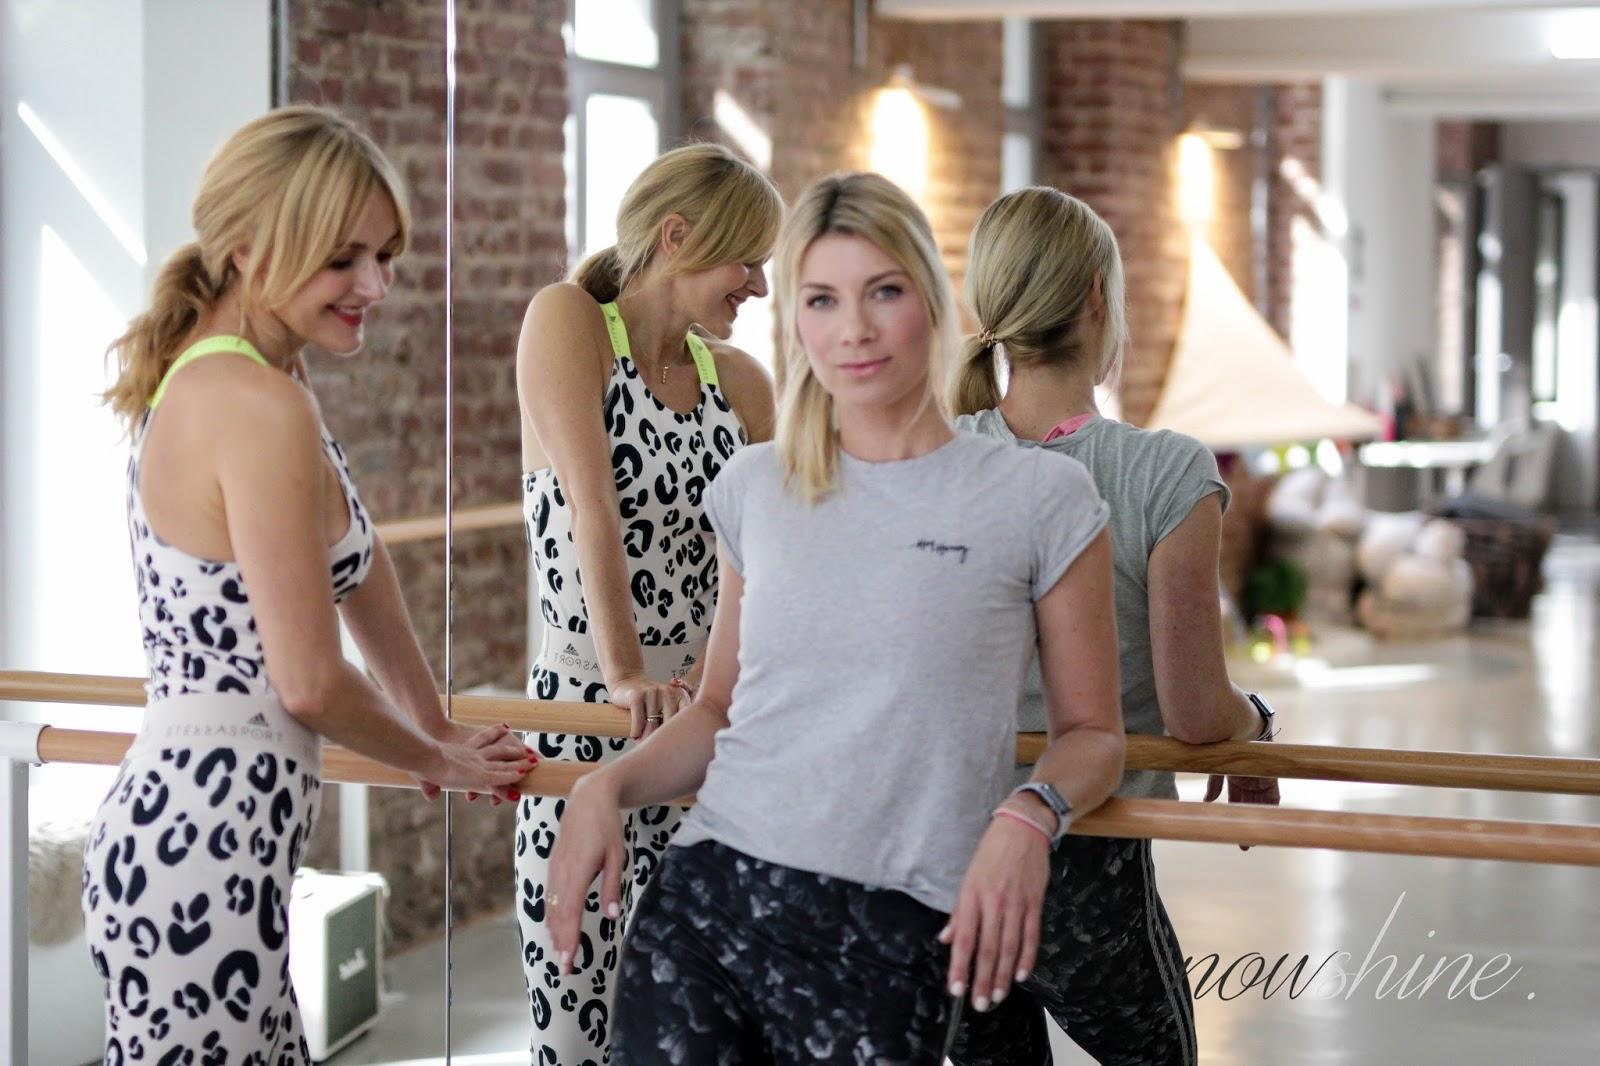 Cornelia Dingendorf und Nowshine im Youpila Studio in Düsseldorf - Nowshine Fitness über 40